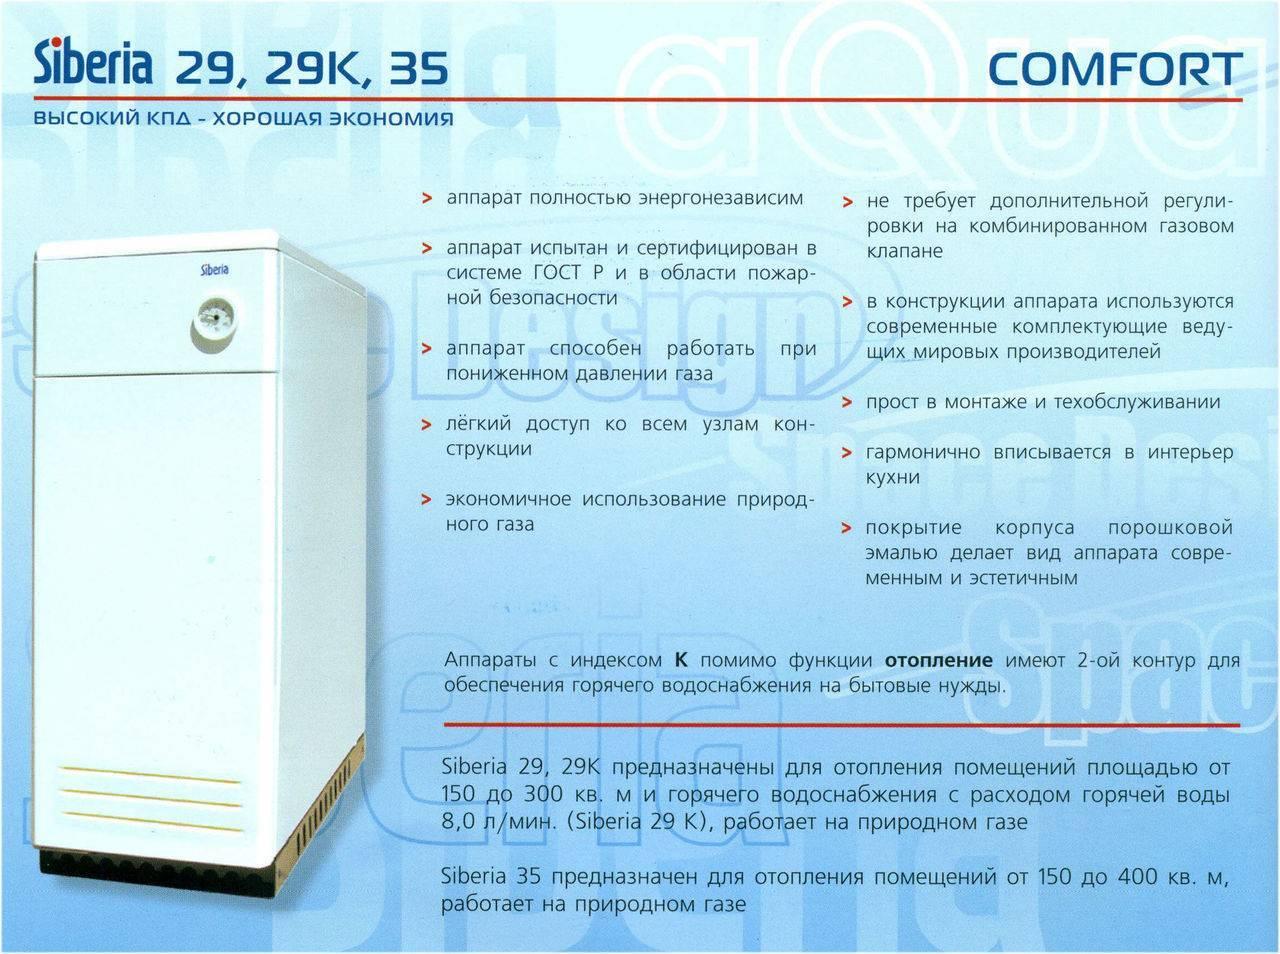 Газовый котел сиберия 17: устройство, технические характеристики, а также отзывы и инструкция по эксплуатации